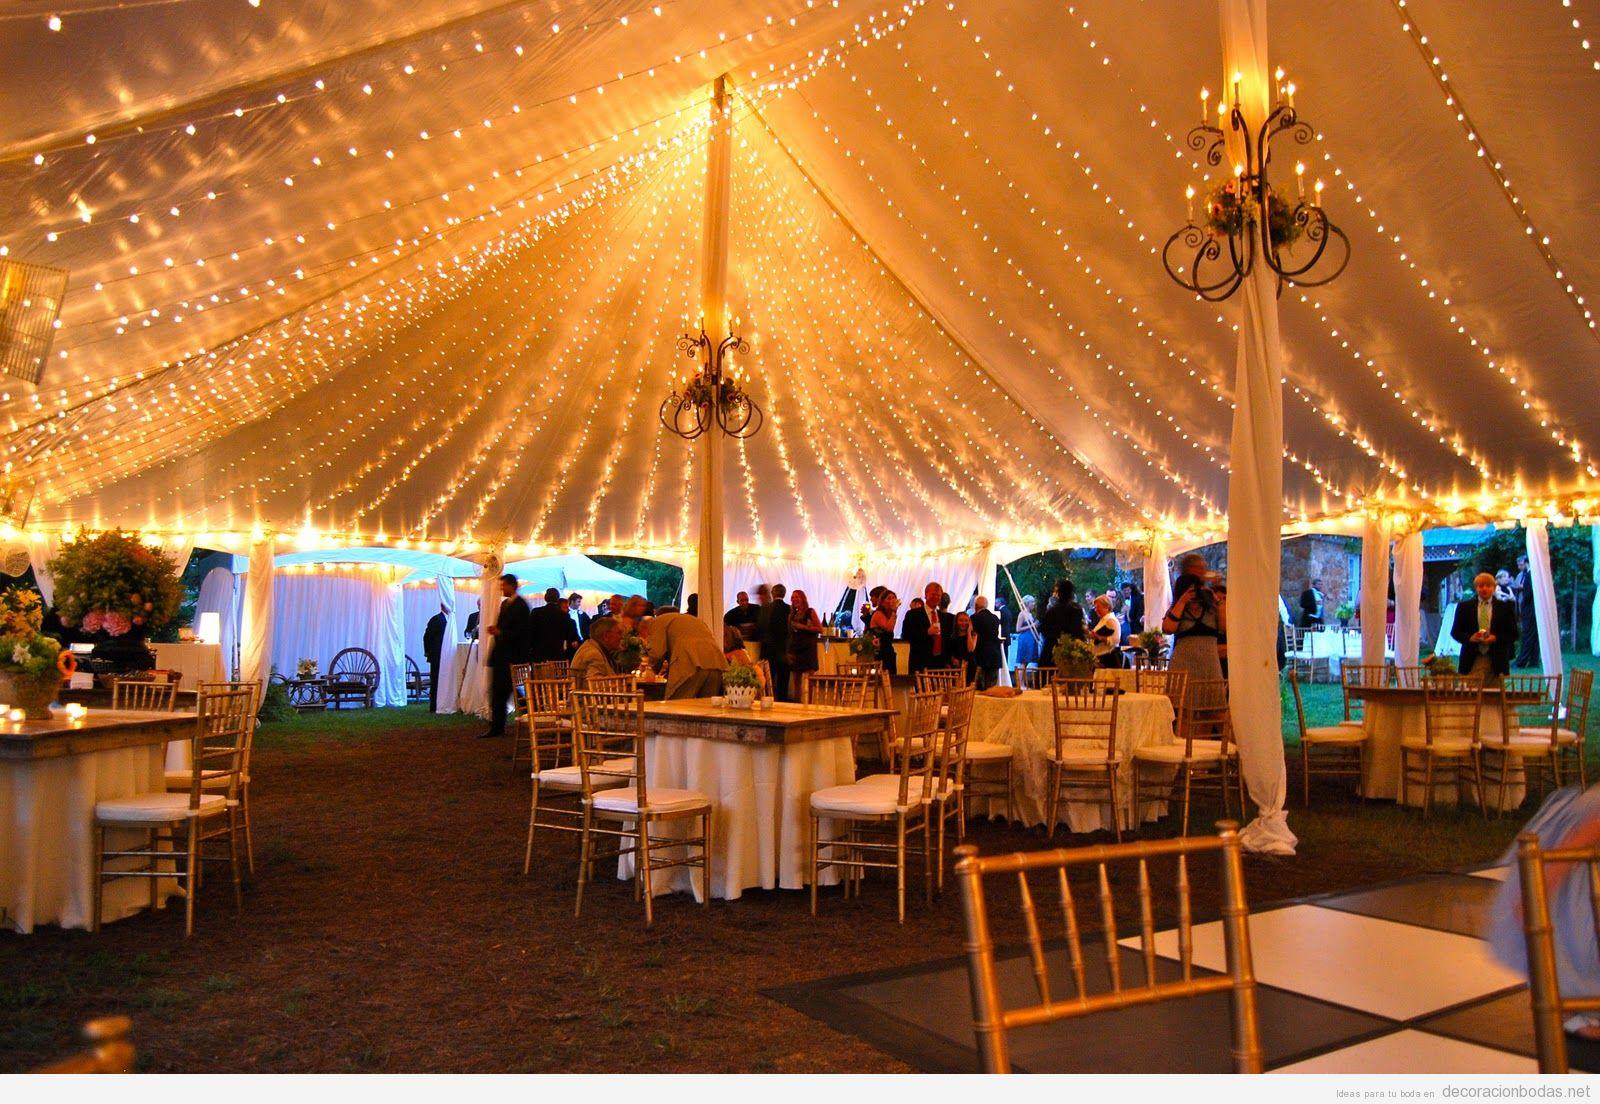 Decoración de boda carpa con luces